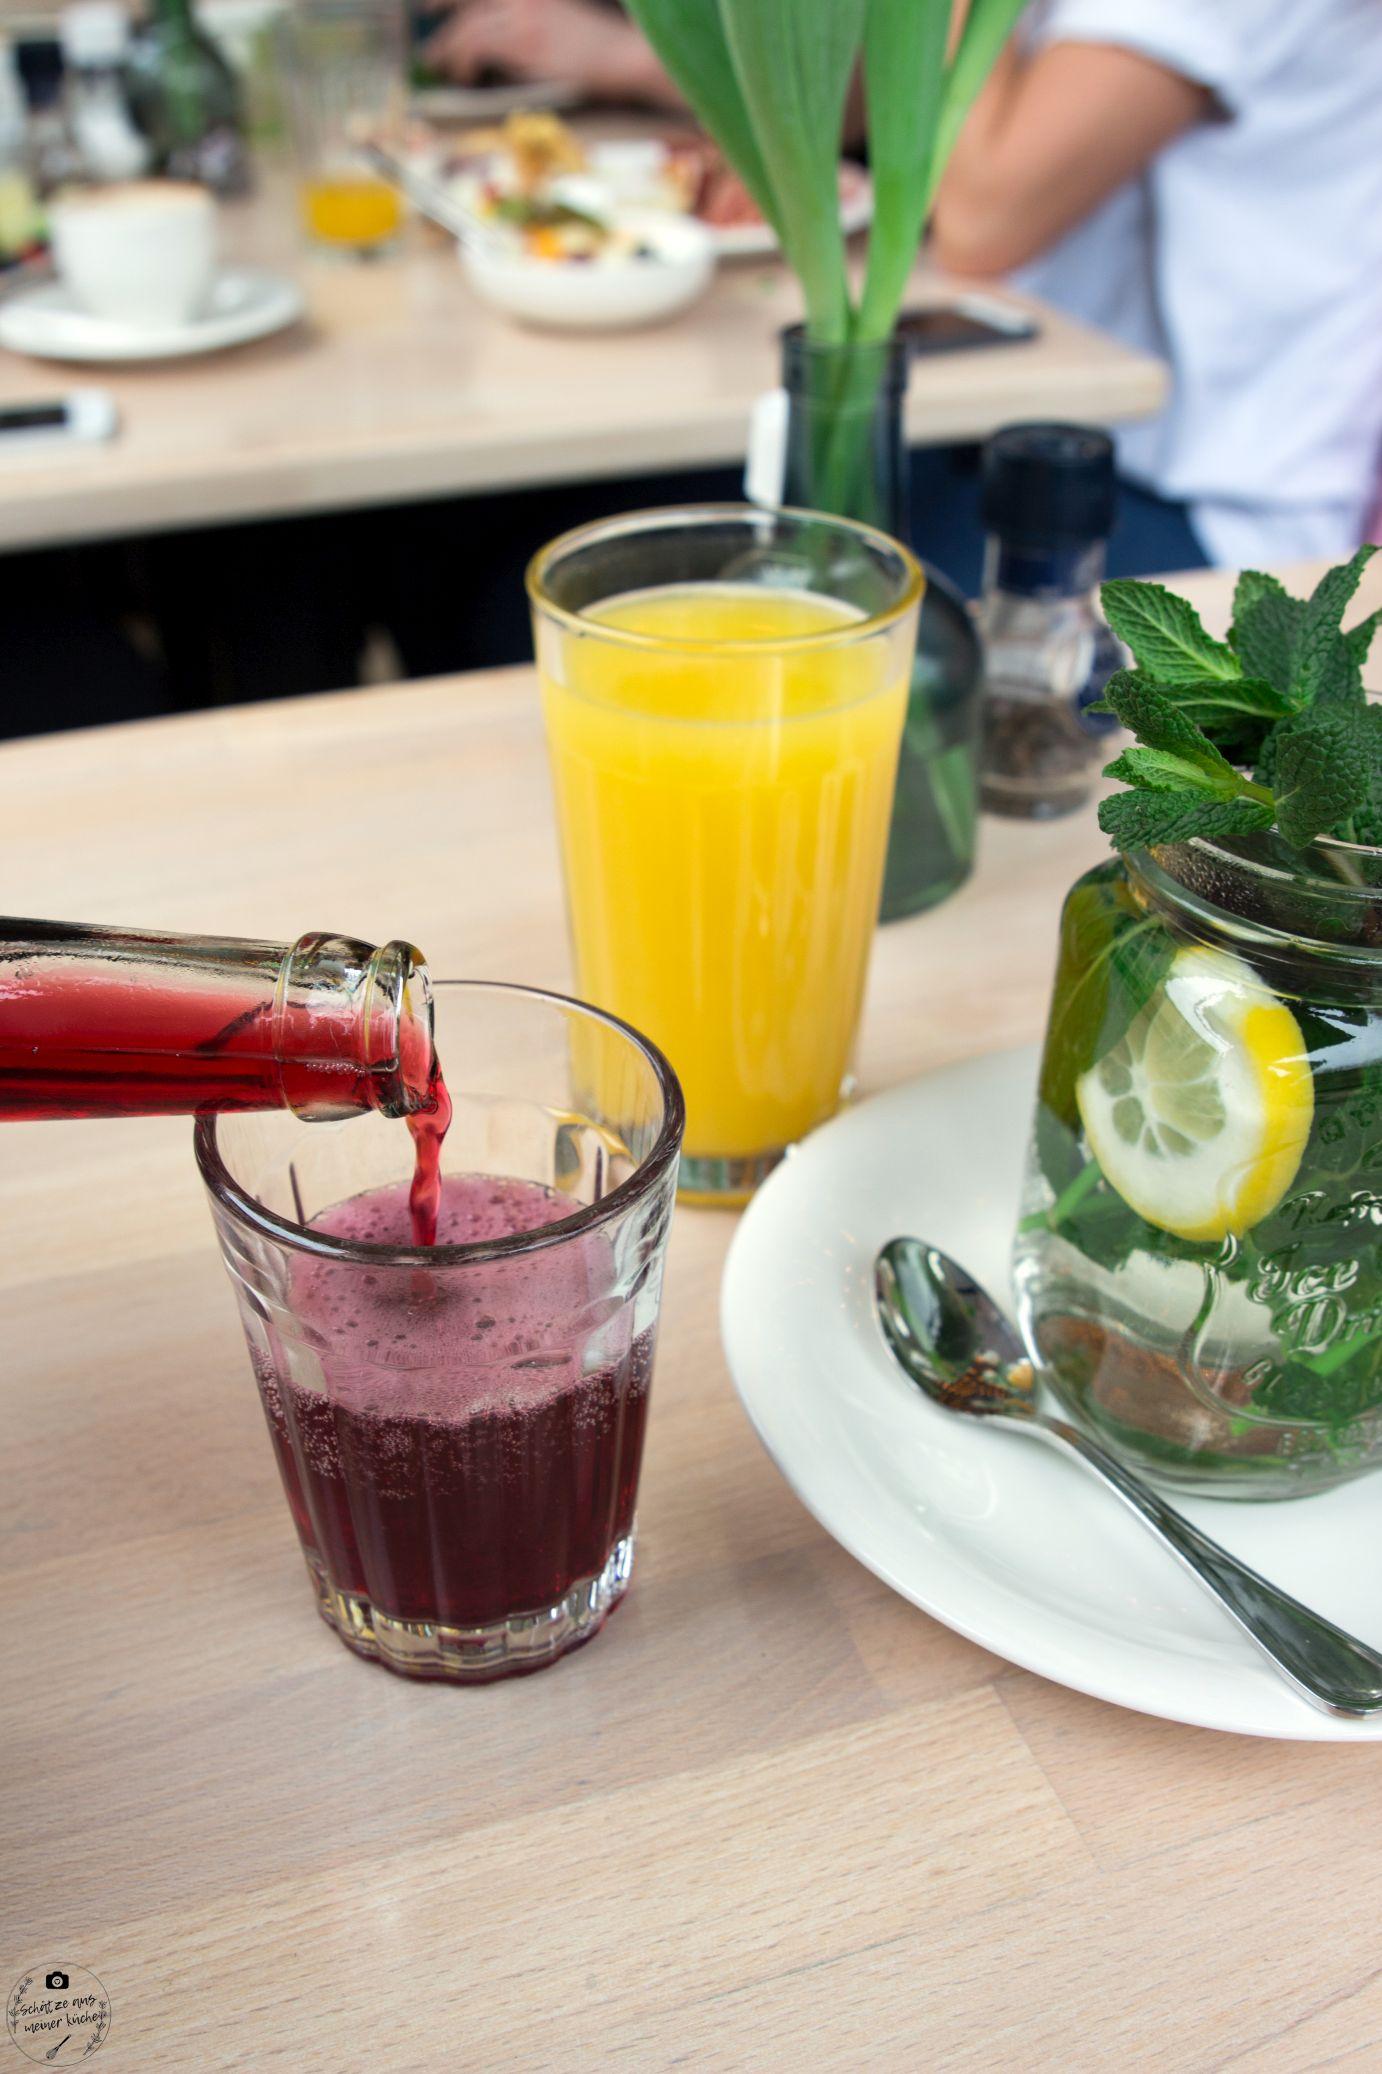 Stuggischorle Café Netzer